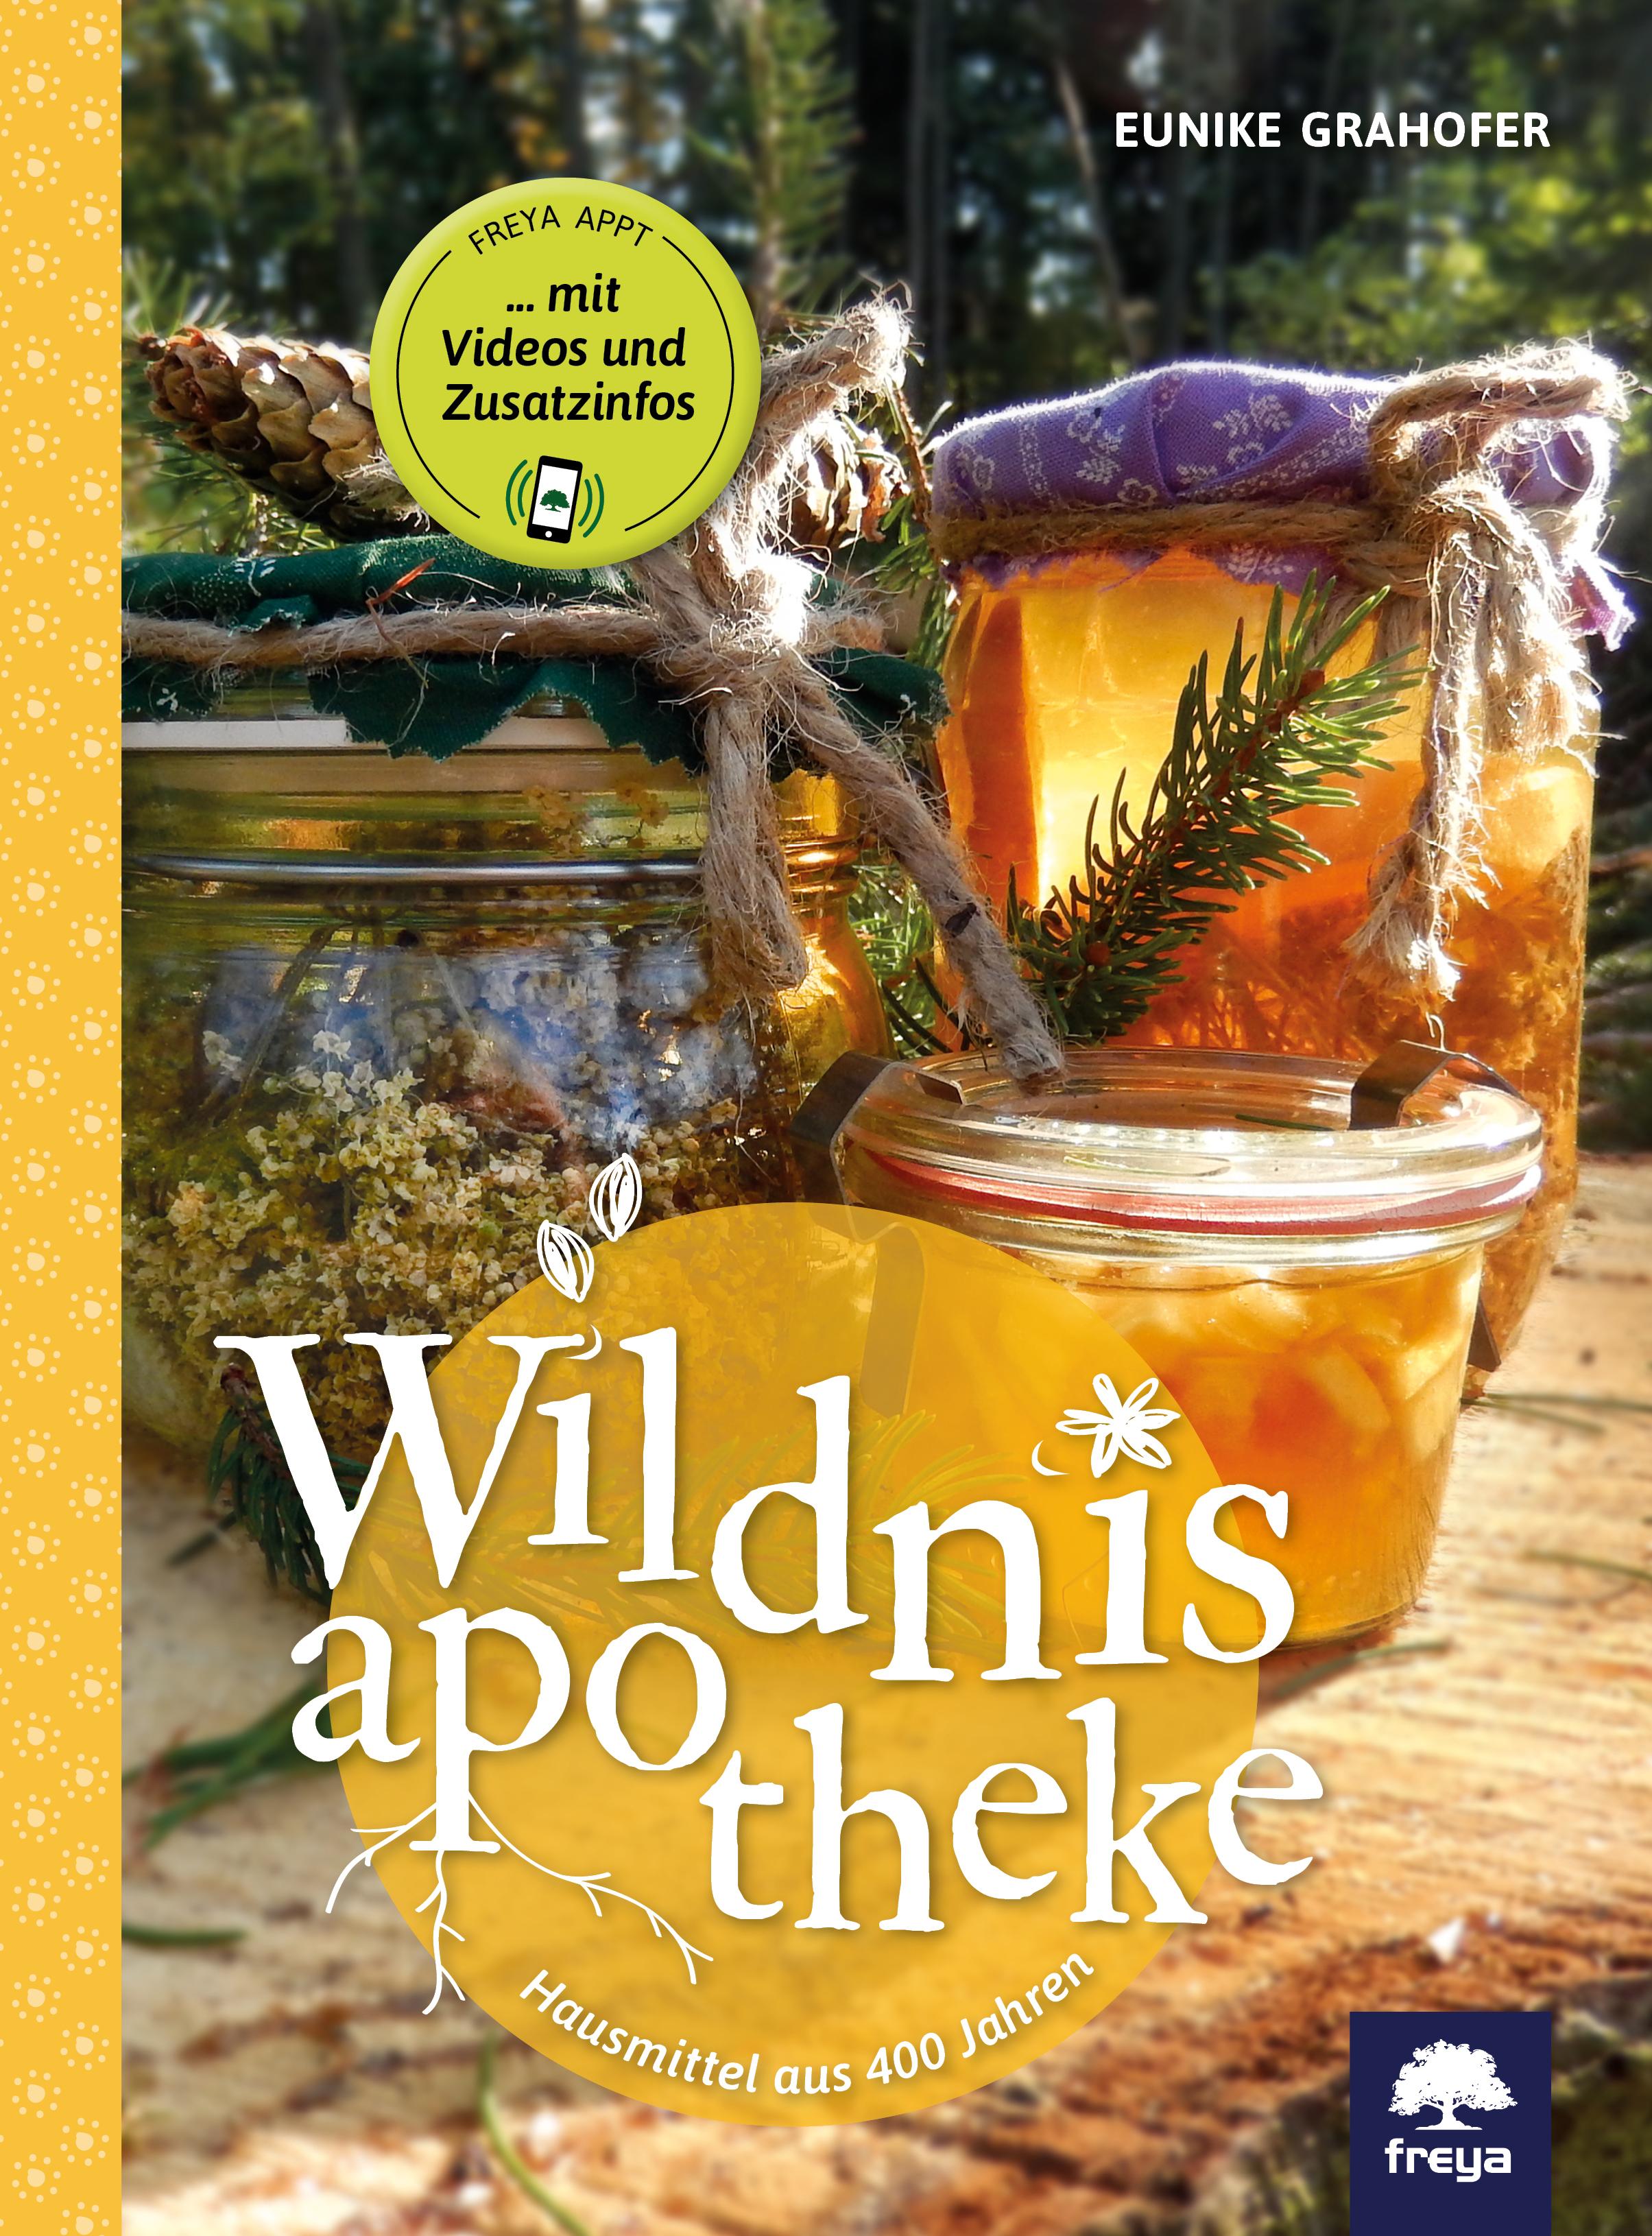 Ein neues Buch von Eunike Grahofer